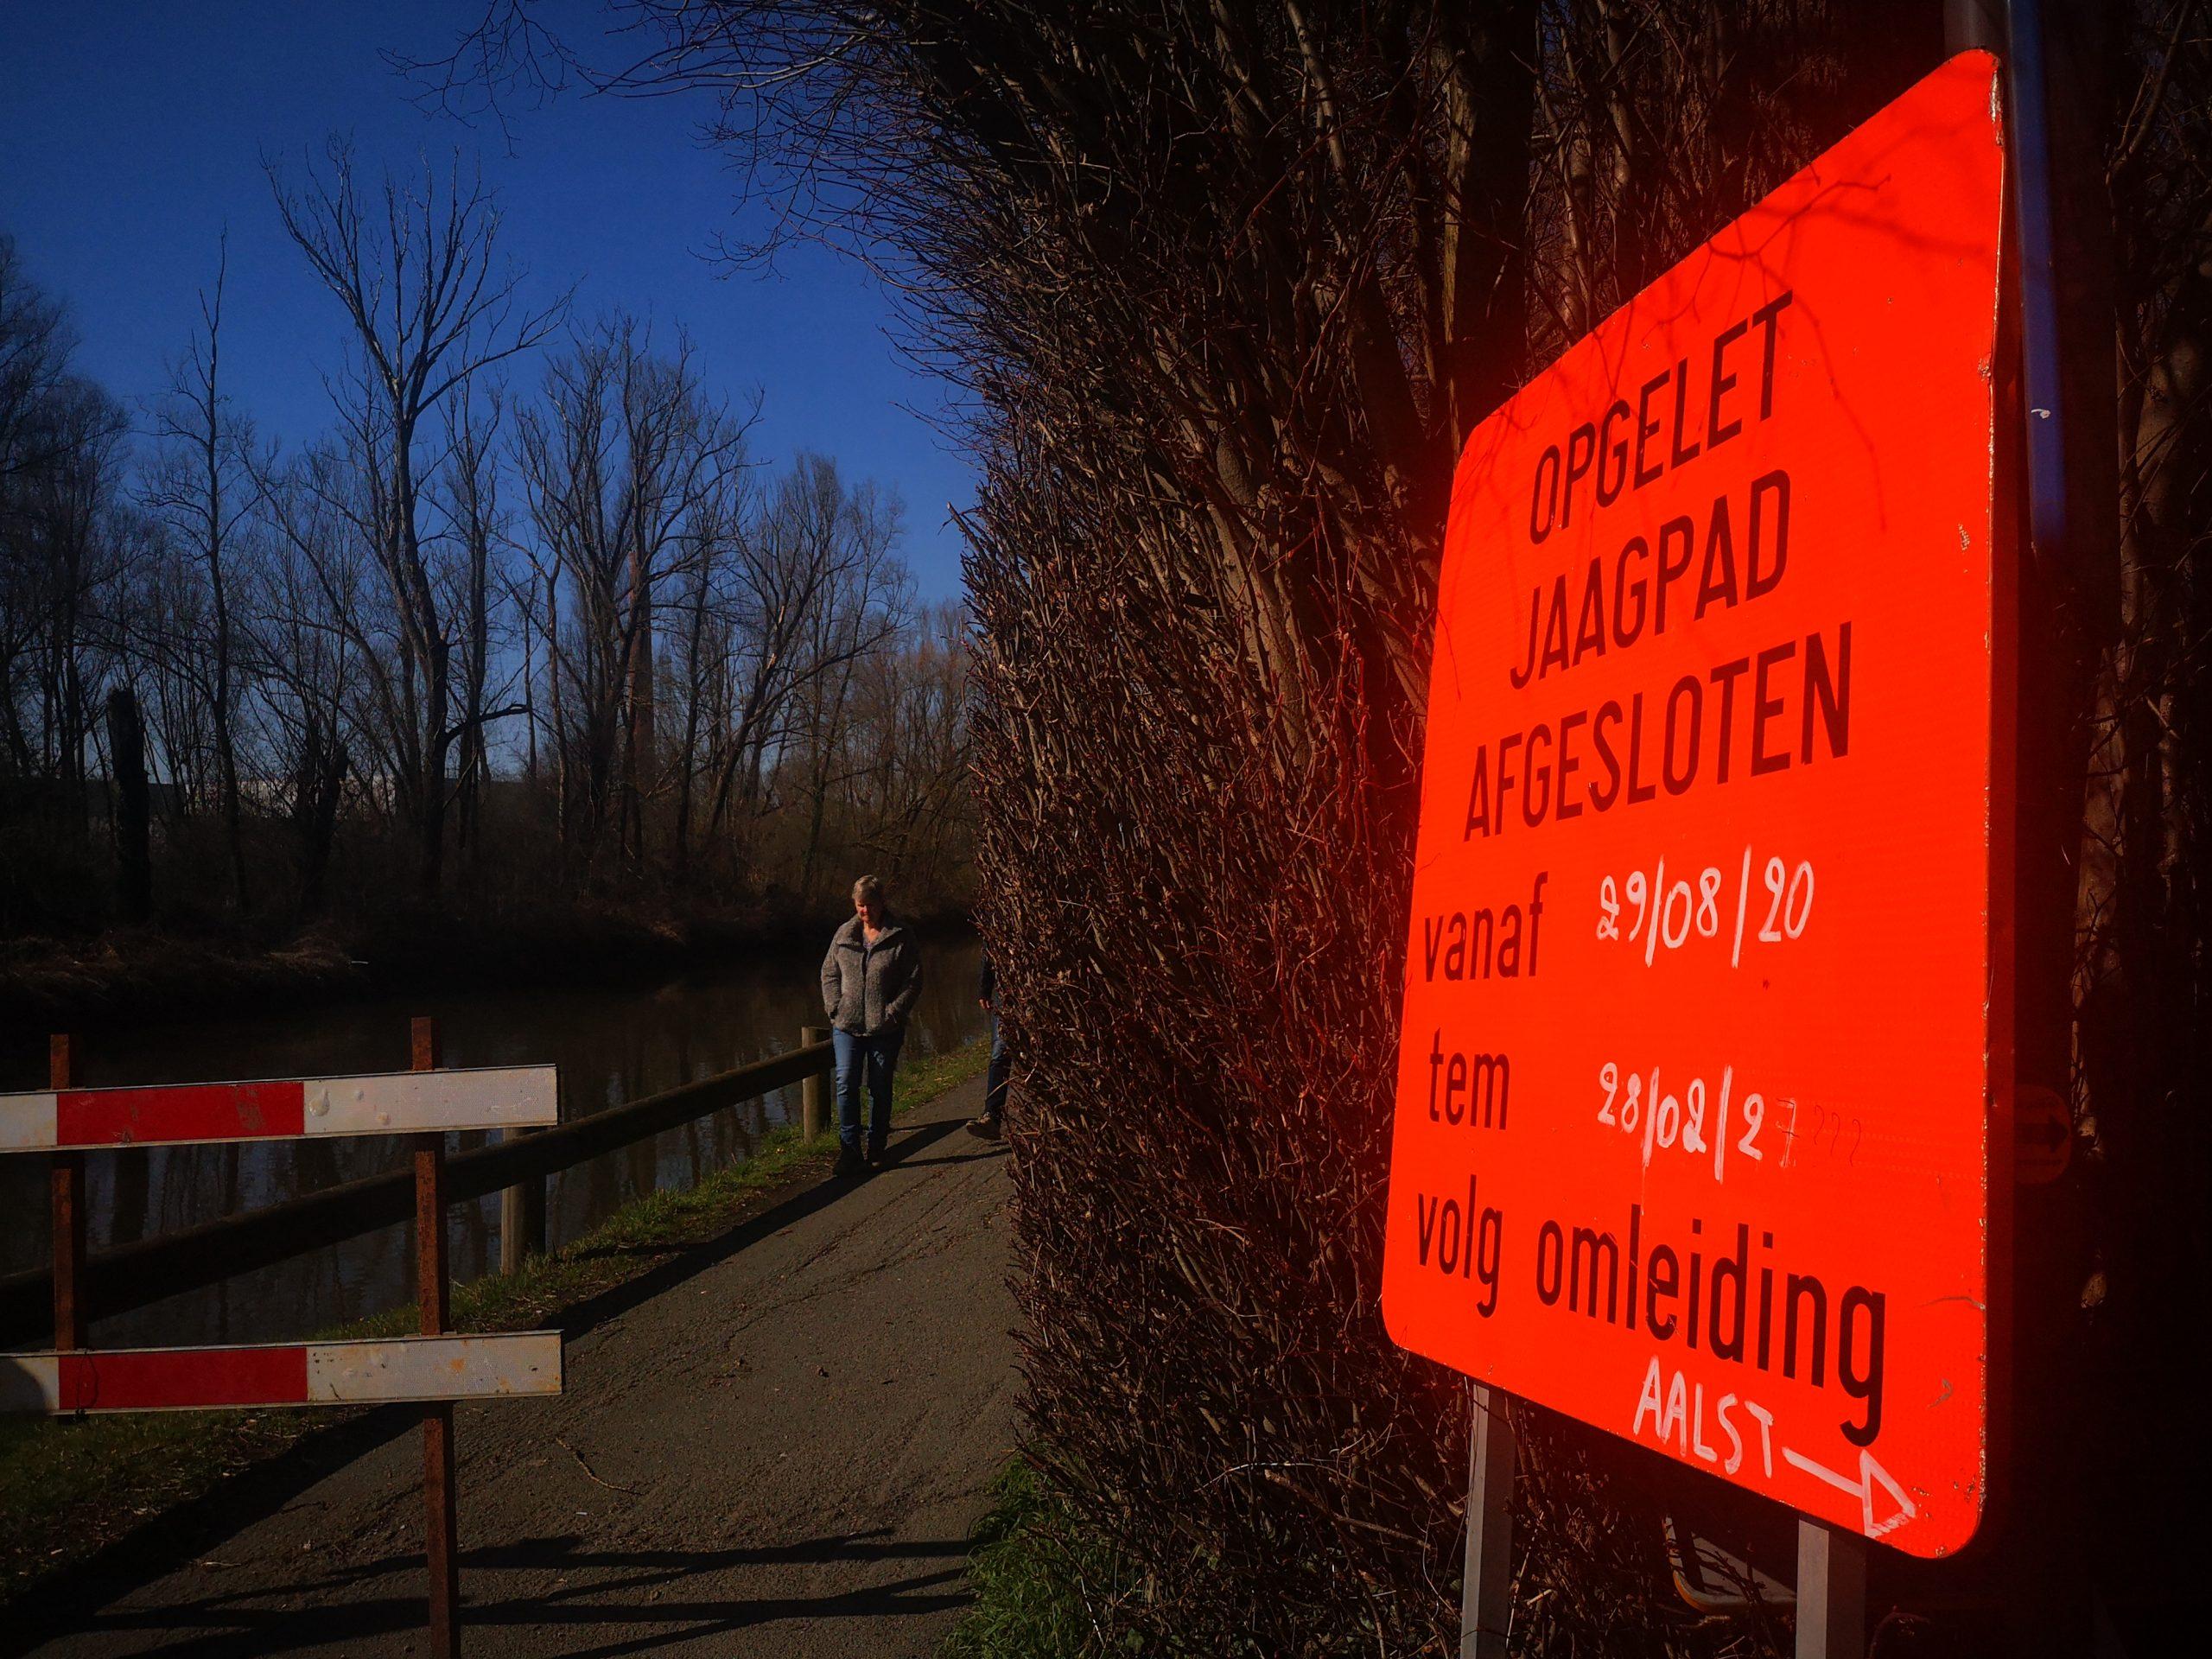 Fietsersbond Aalst wil jaagpad aan Dender sneller terug open